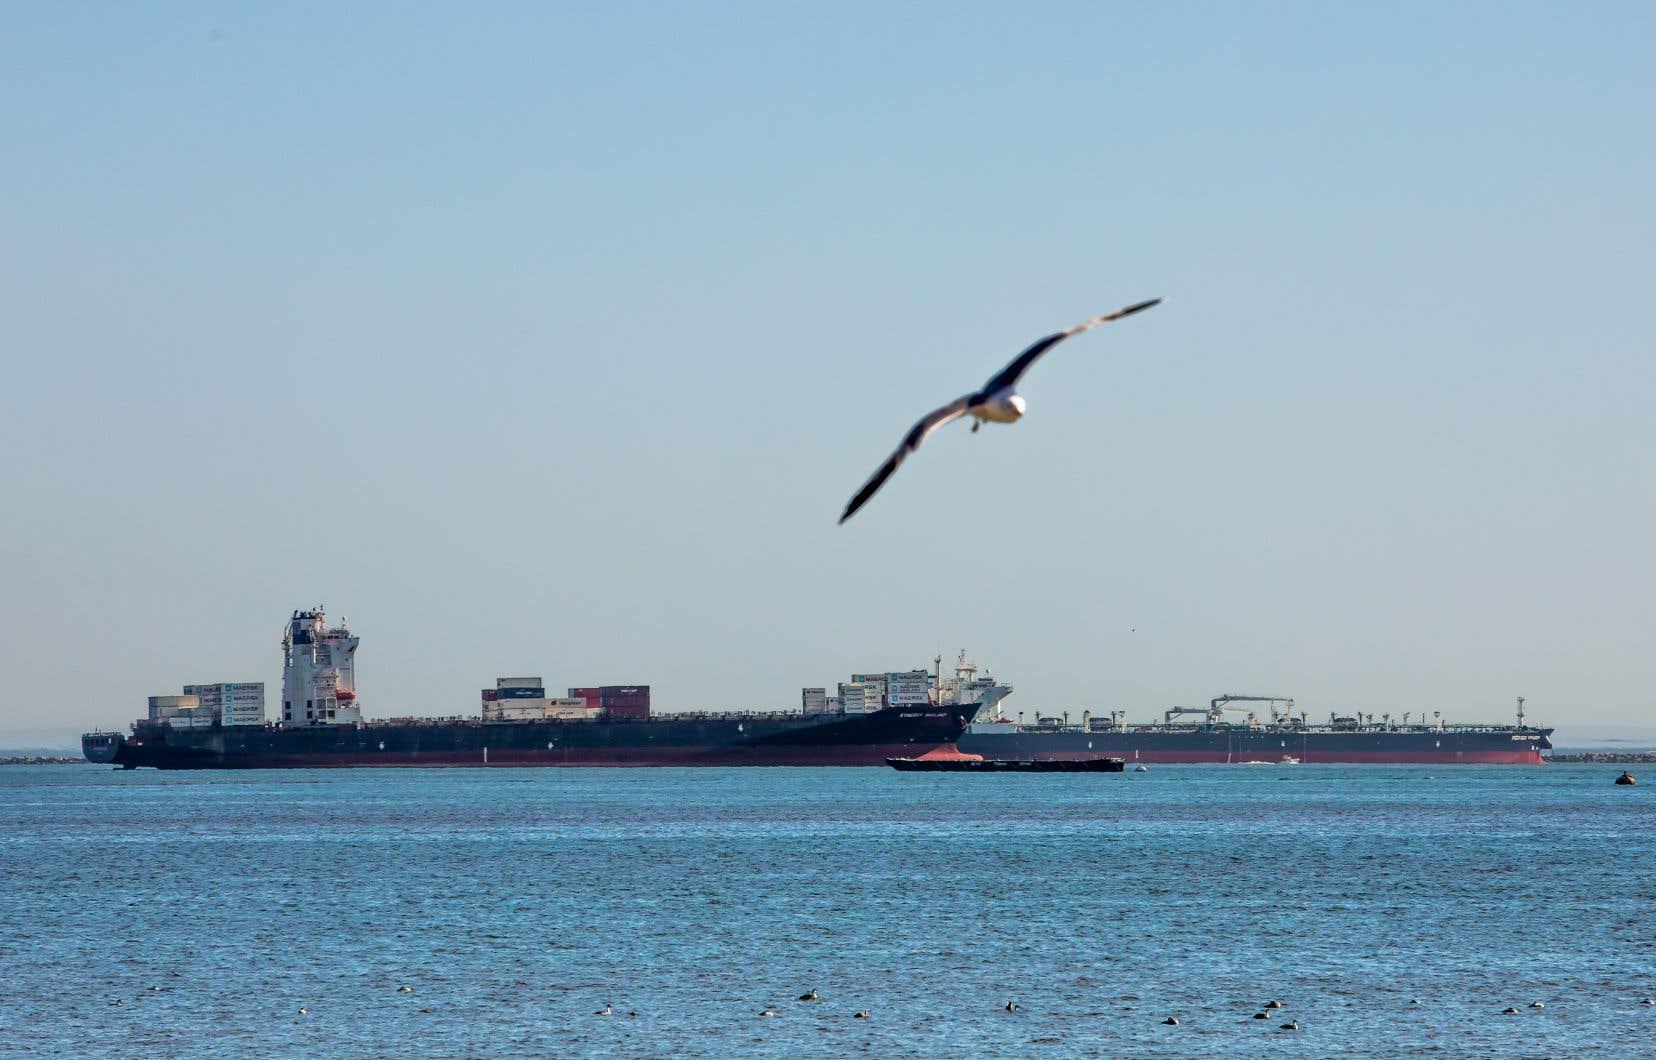 Un pétrolier et un cargo près de Long Beach. En raison d'une baisse de la demande pour le pétrole brut, les surplus ont dû être stockés au large de la Californie dans plus d'une vingtaine de pétroliers réquisitionnés au printemps dernier.